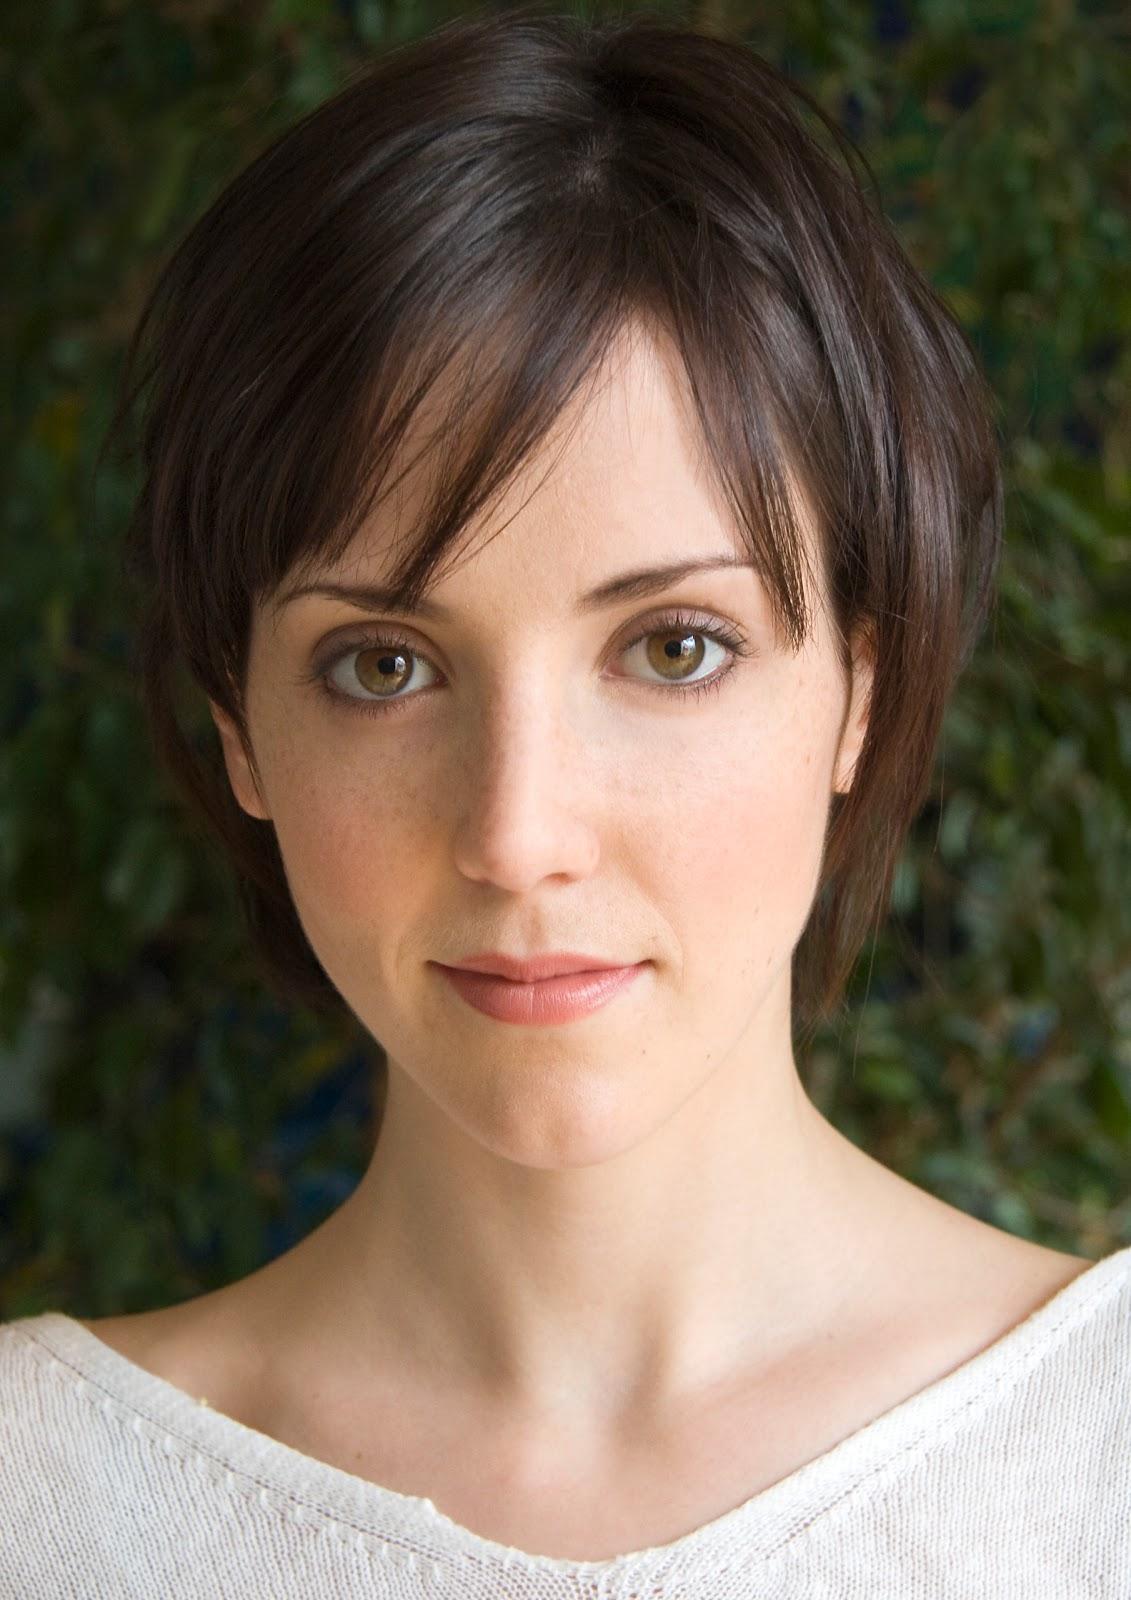 http://2.bp.blogspot.com/-LmizpQT473M/Th5xpiqdICI/AAAAAAAAB1E/juqJ3dXPfJY/s1600/Samantha+Whittaker+Headshot.jpg